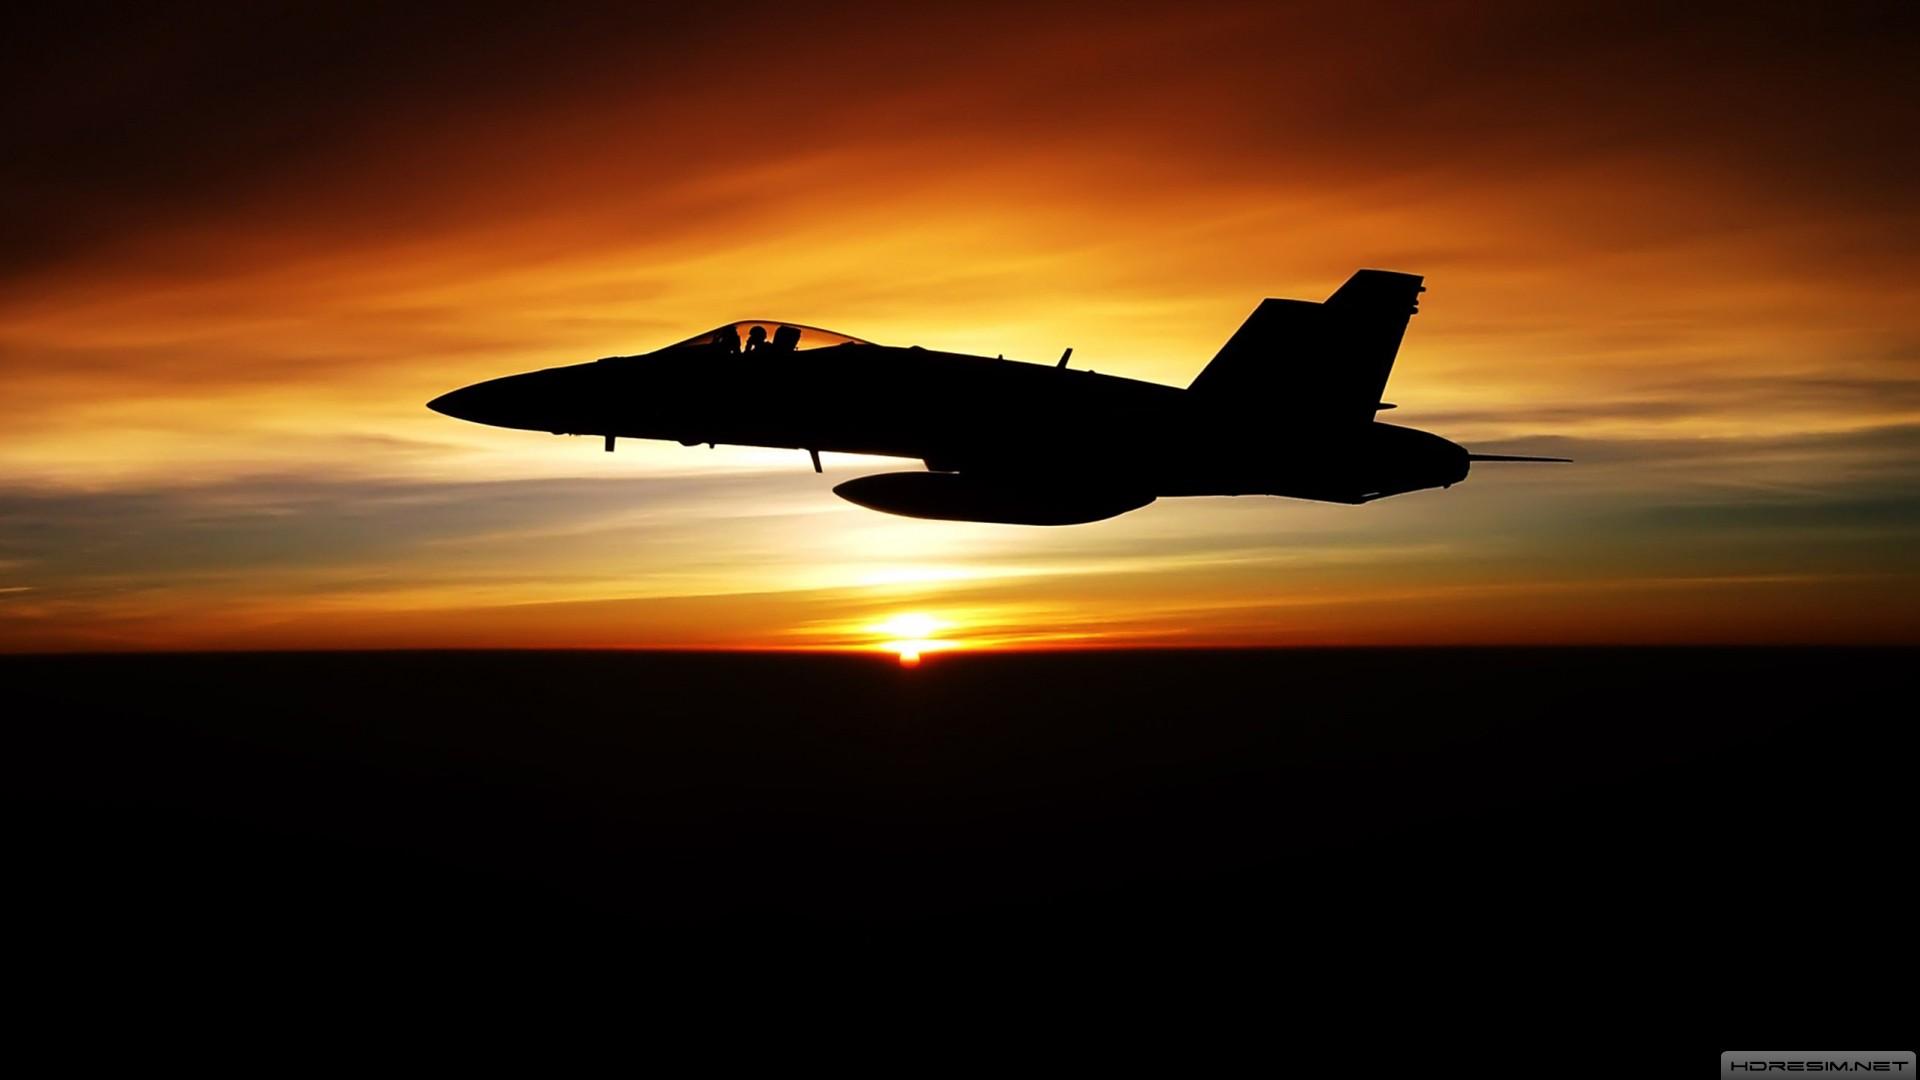 McDonnell,f-18,uçak,askeri taşıt,f-serisi